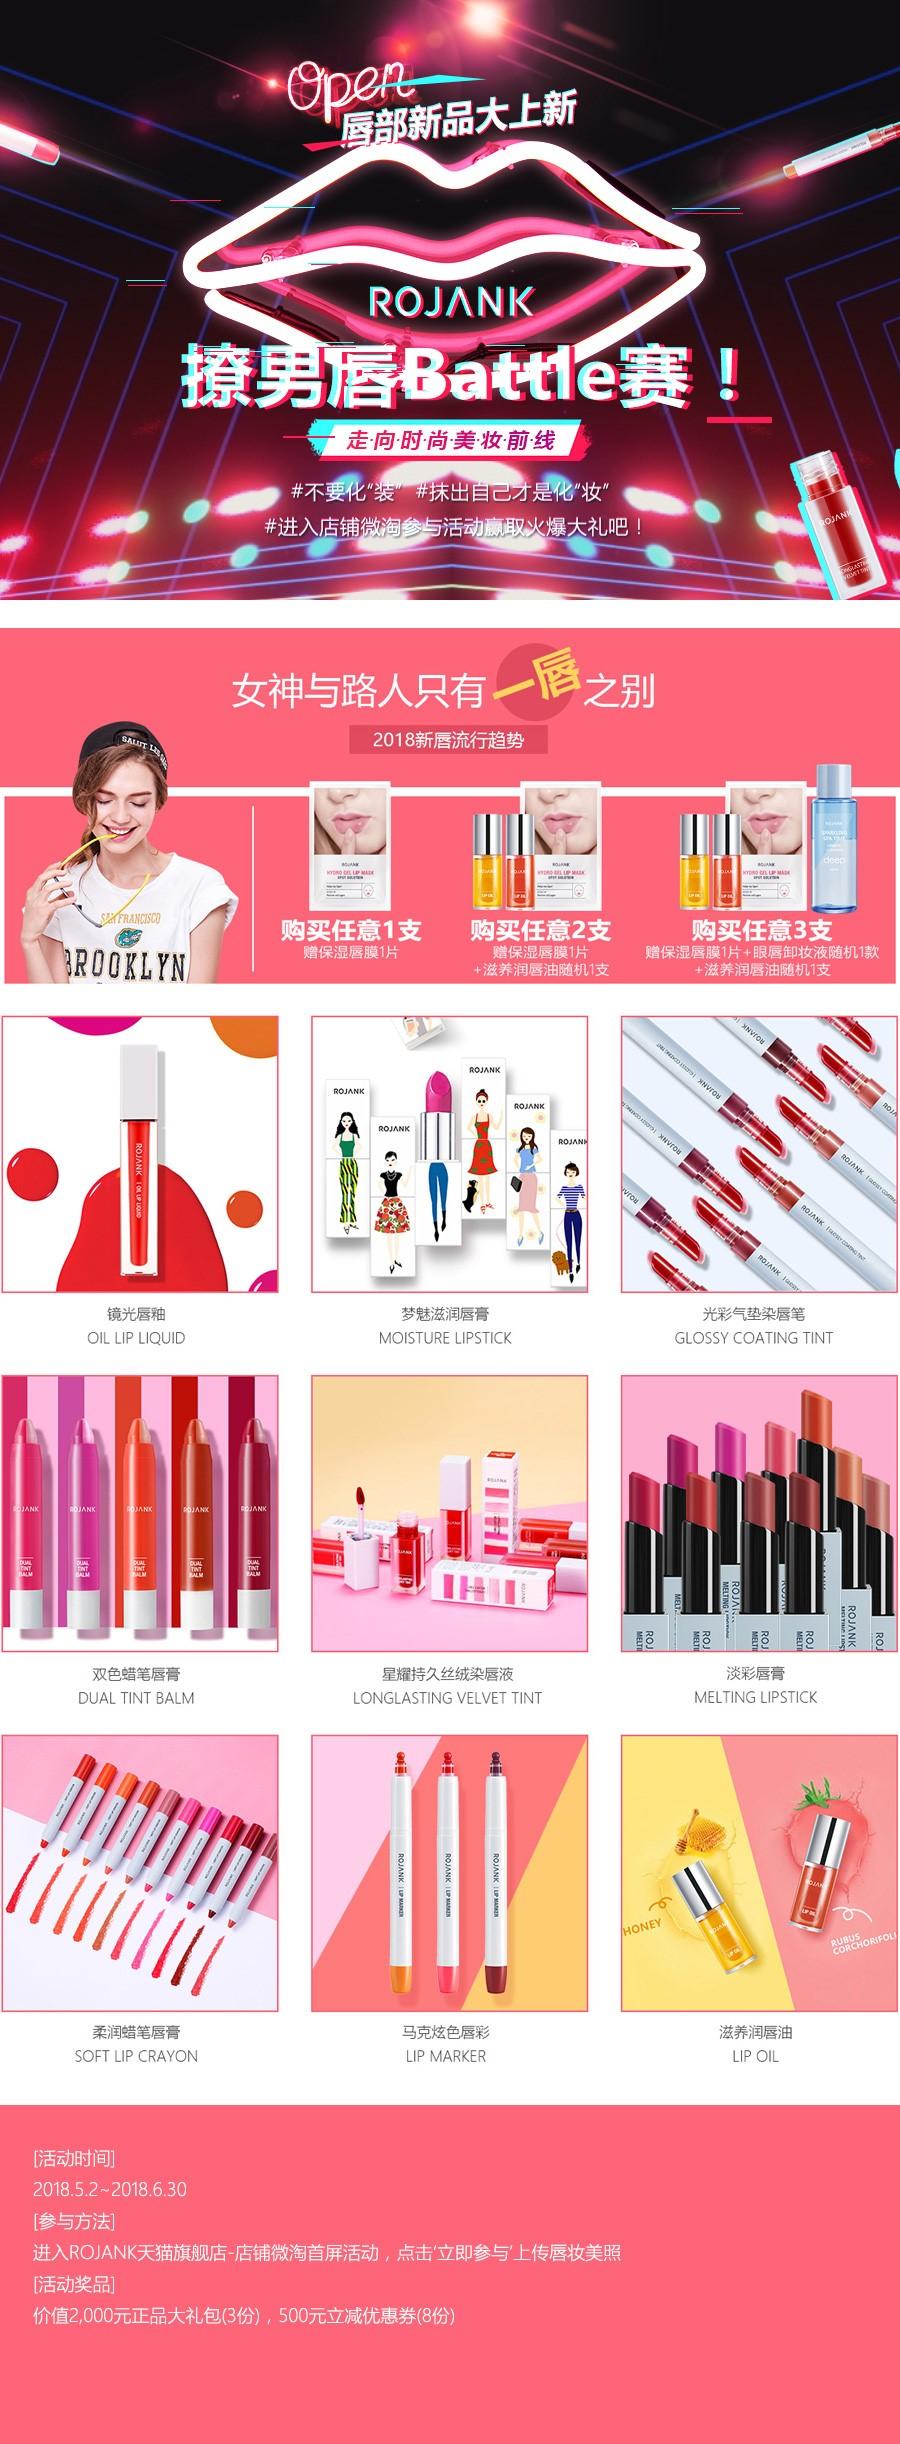 WeChat Image_20180510143423.jpg